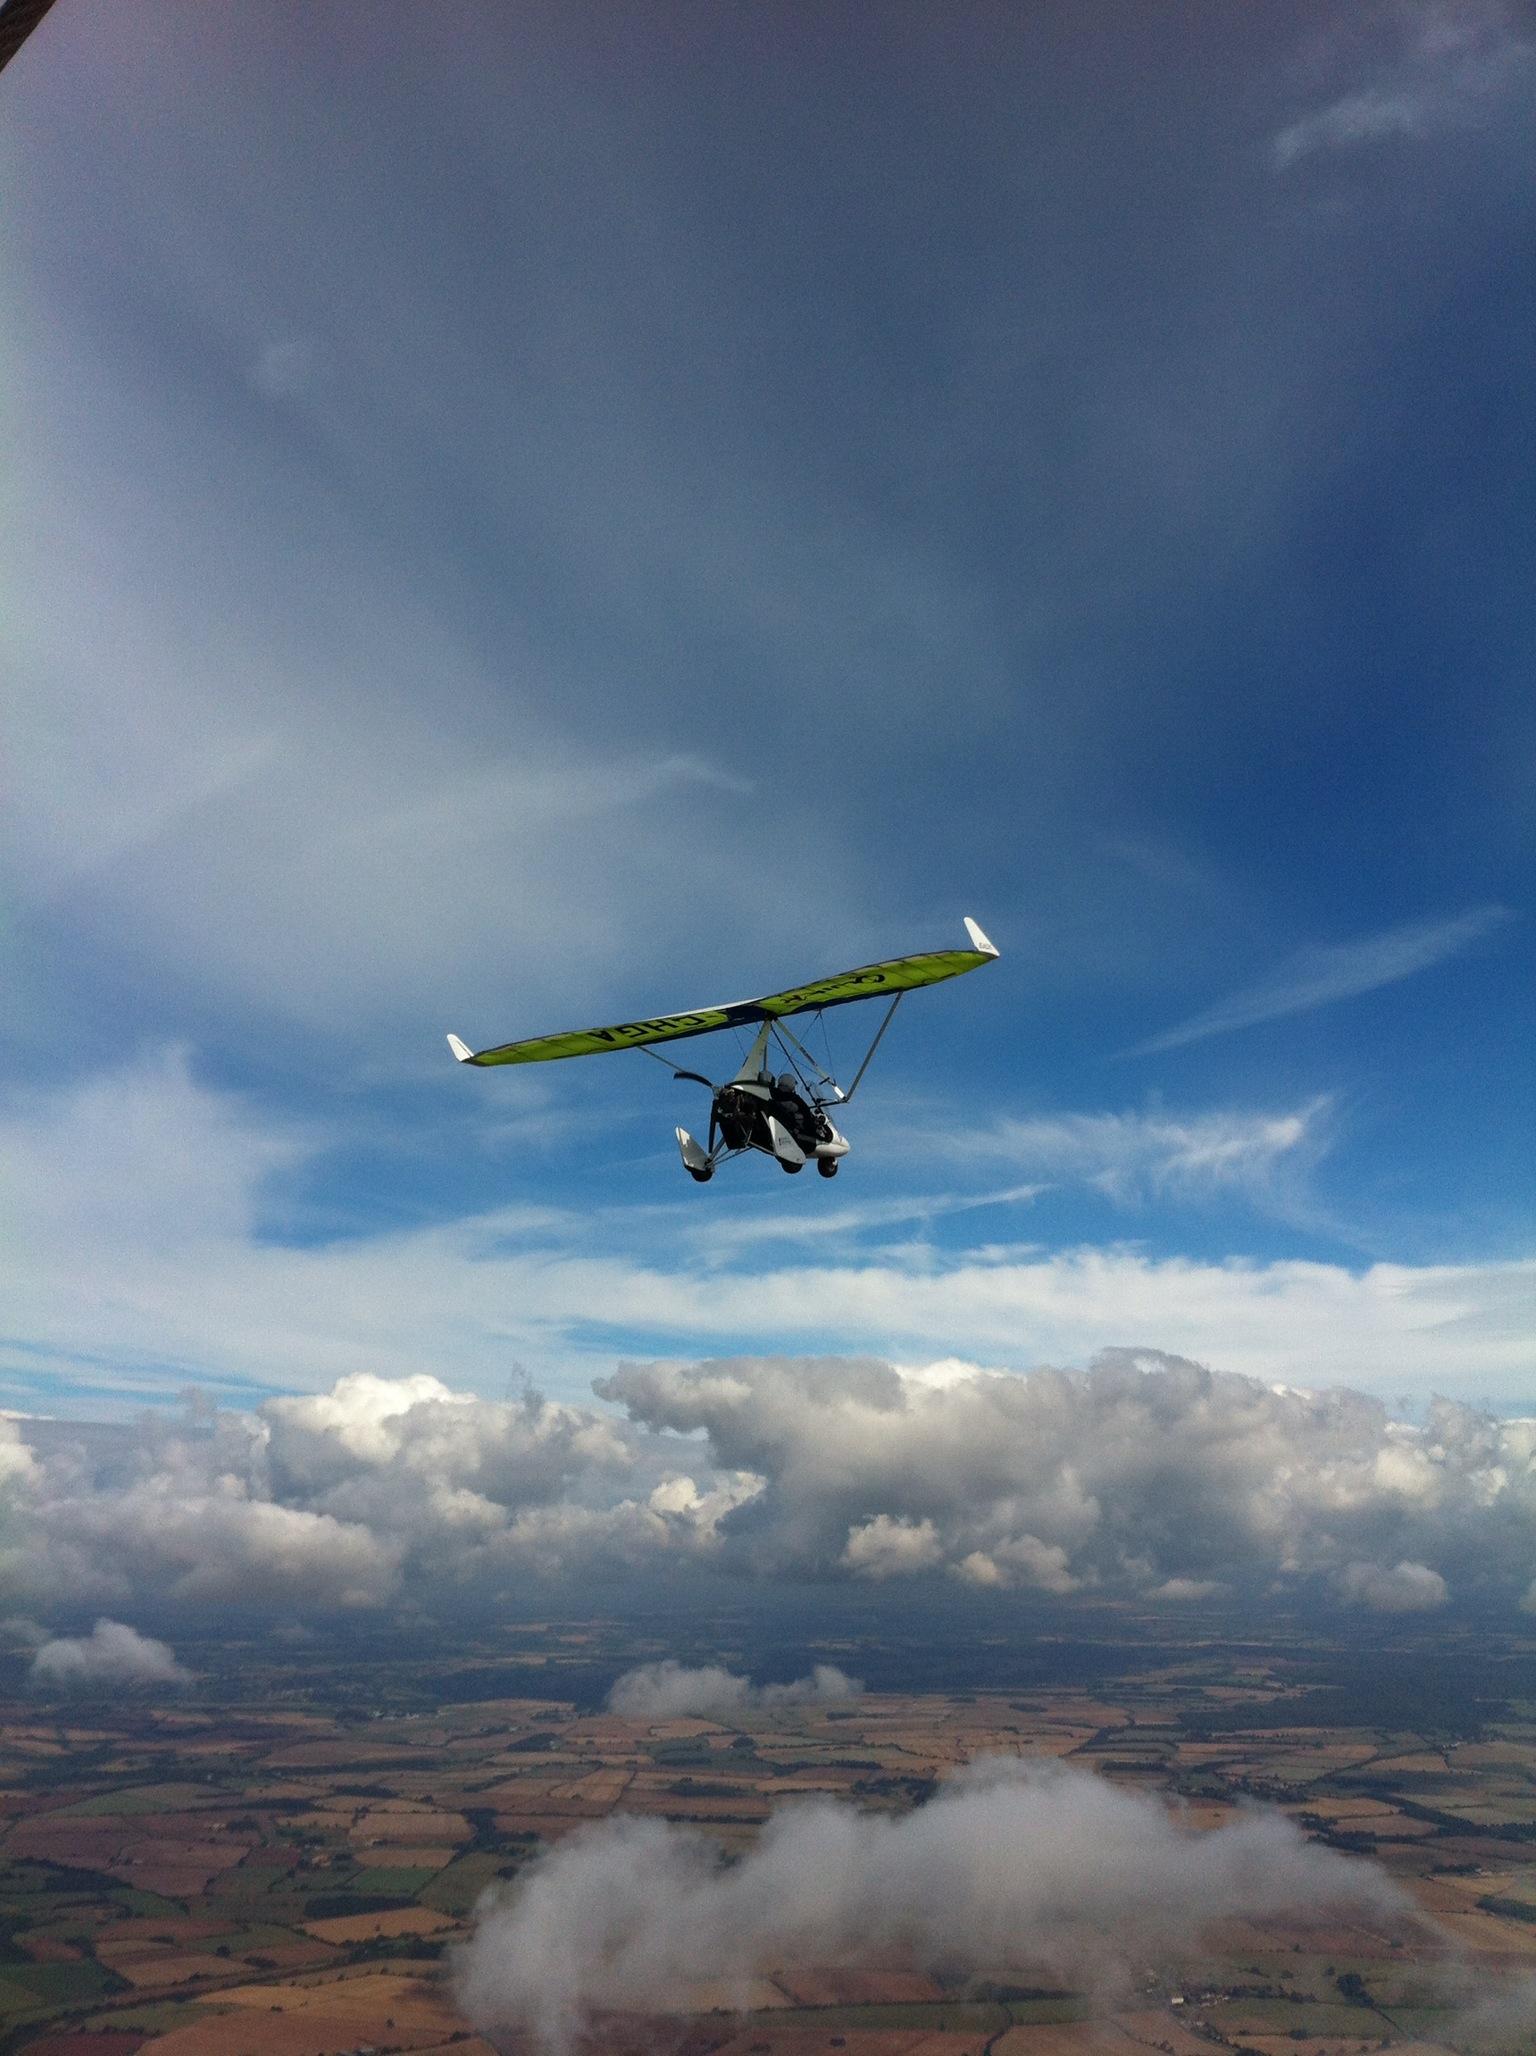 gtr-flying.jpg